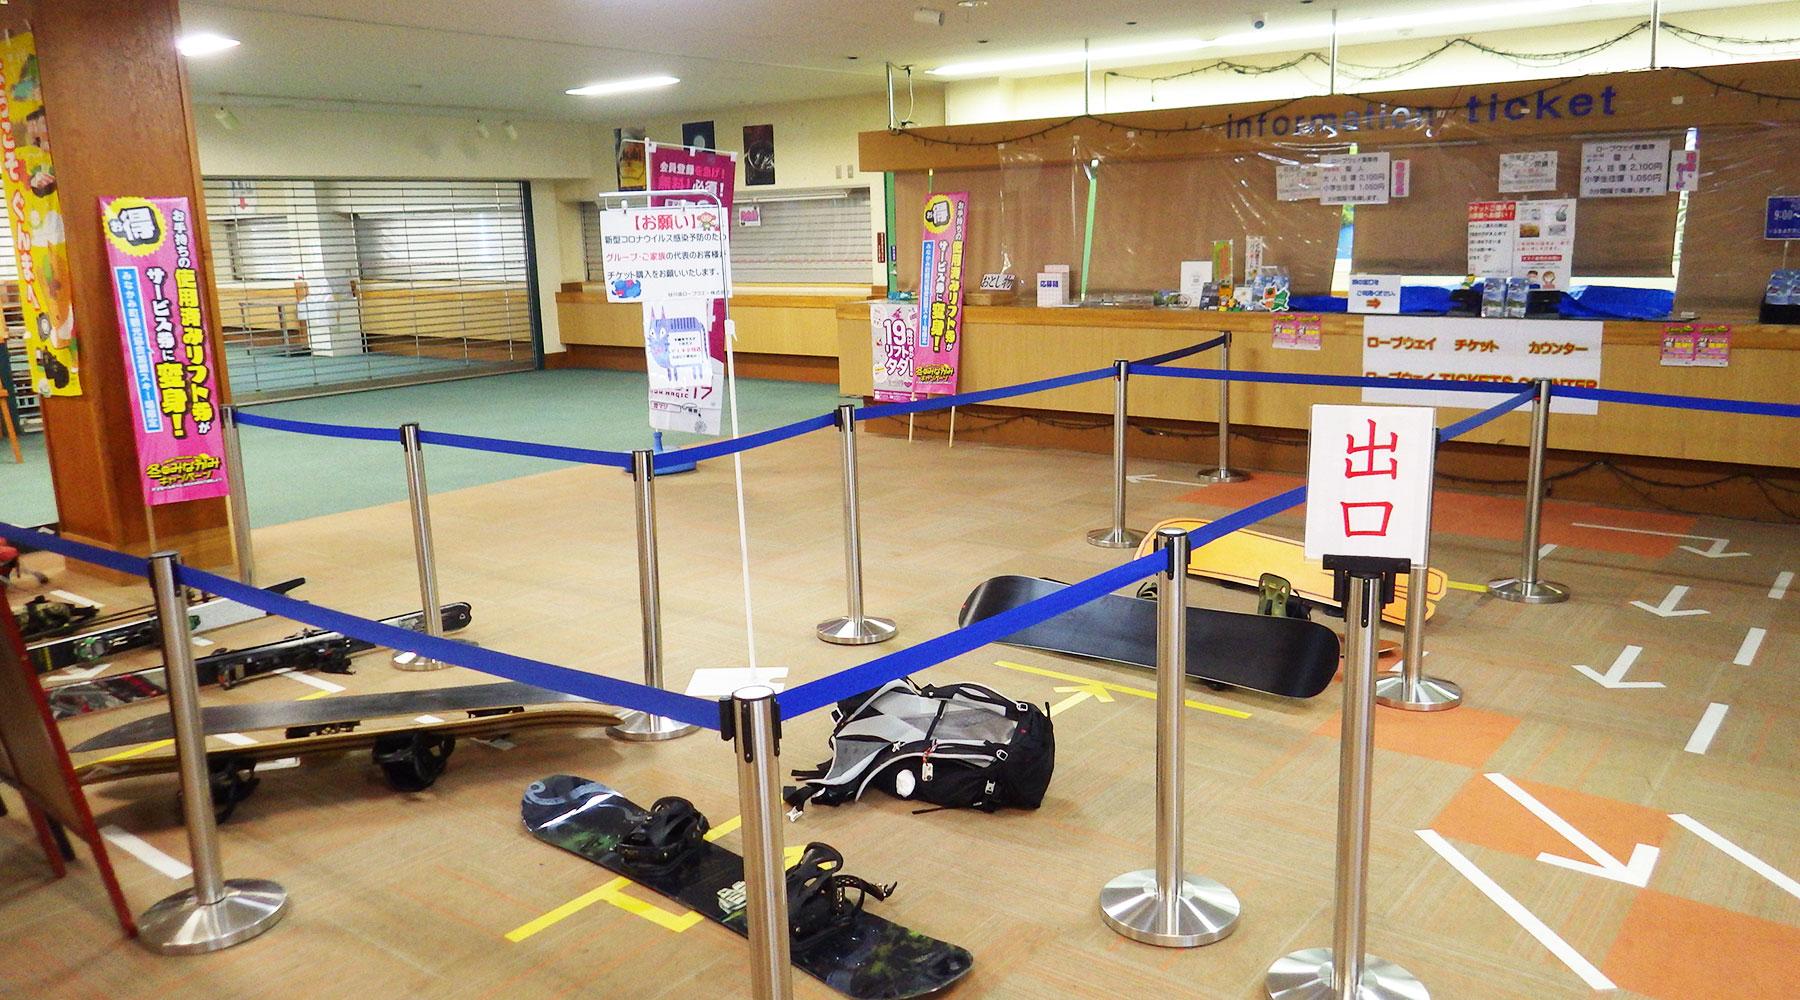 谷川岳ロープウェイ・営業時間前のチケット売り場